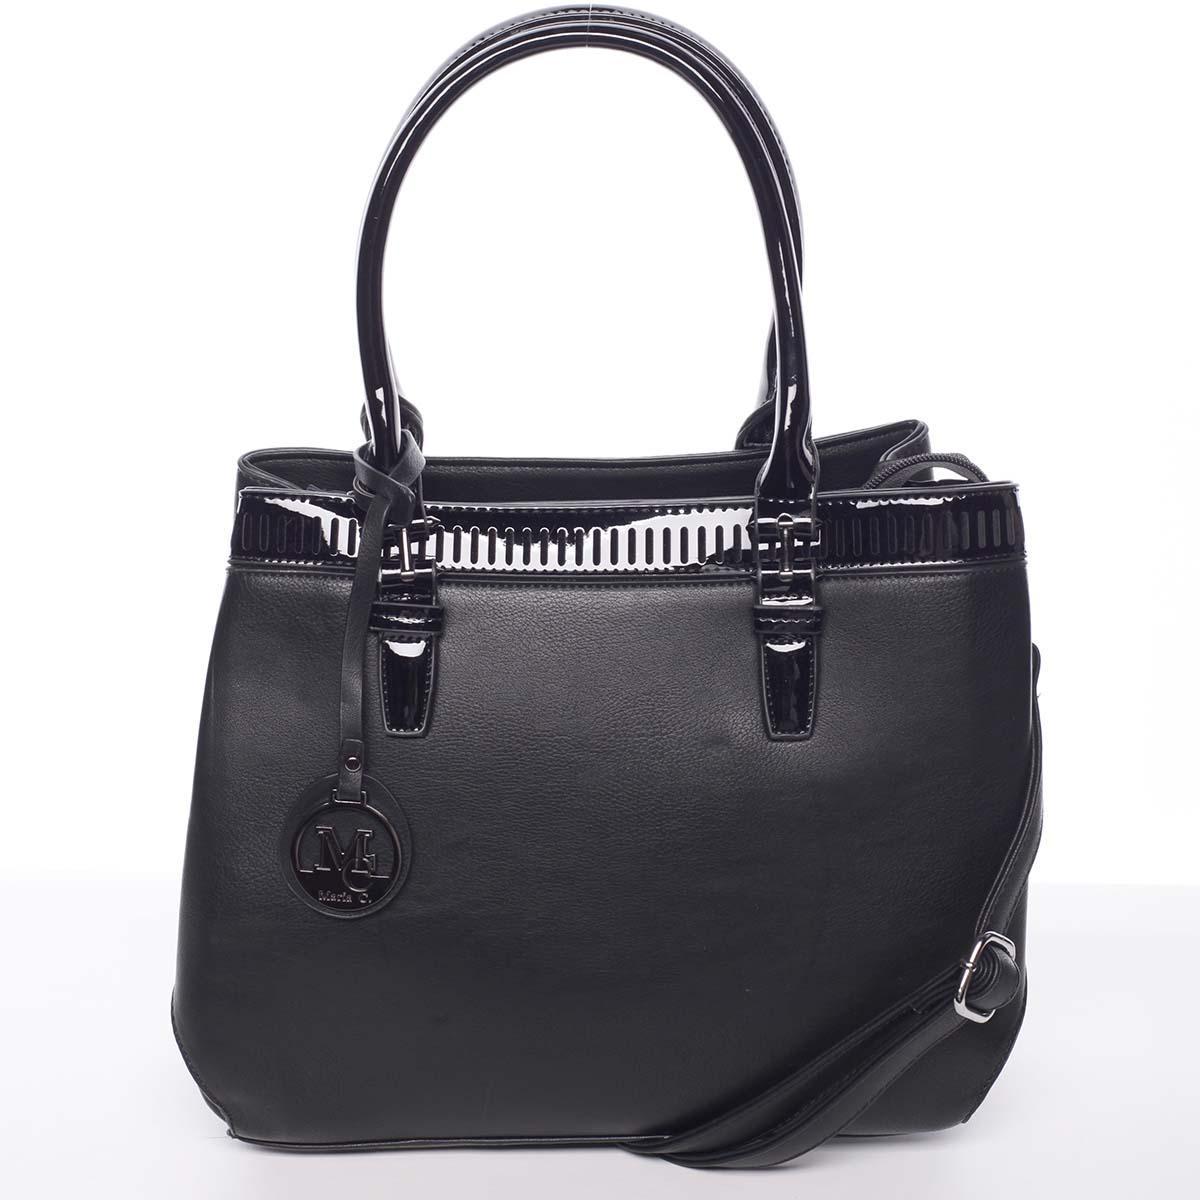 Elegantná a štýlová čierna kabelka cez rameno - MARIA C Thalassa čierna